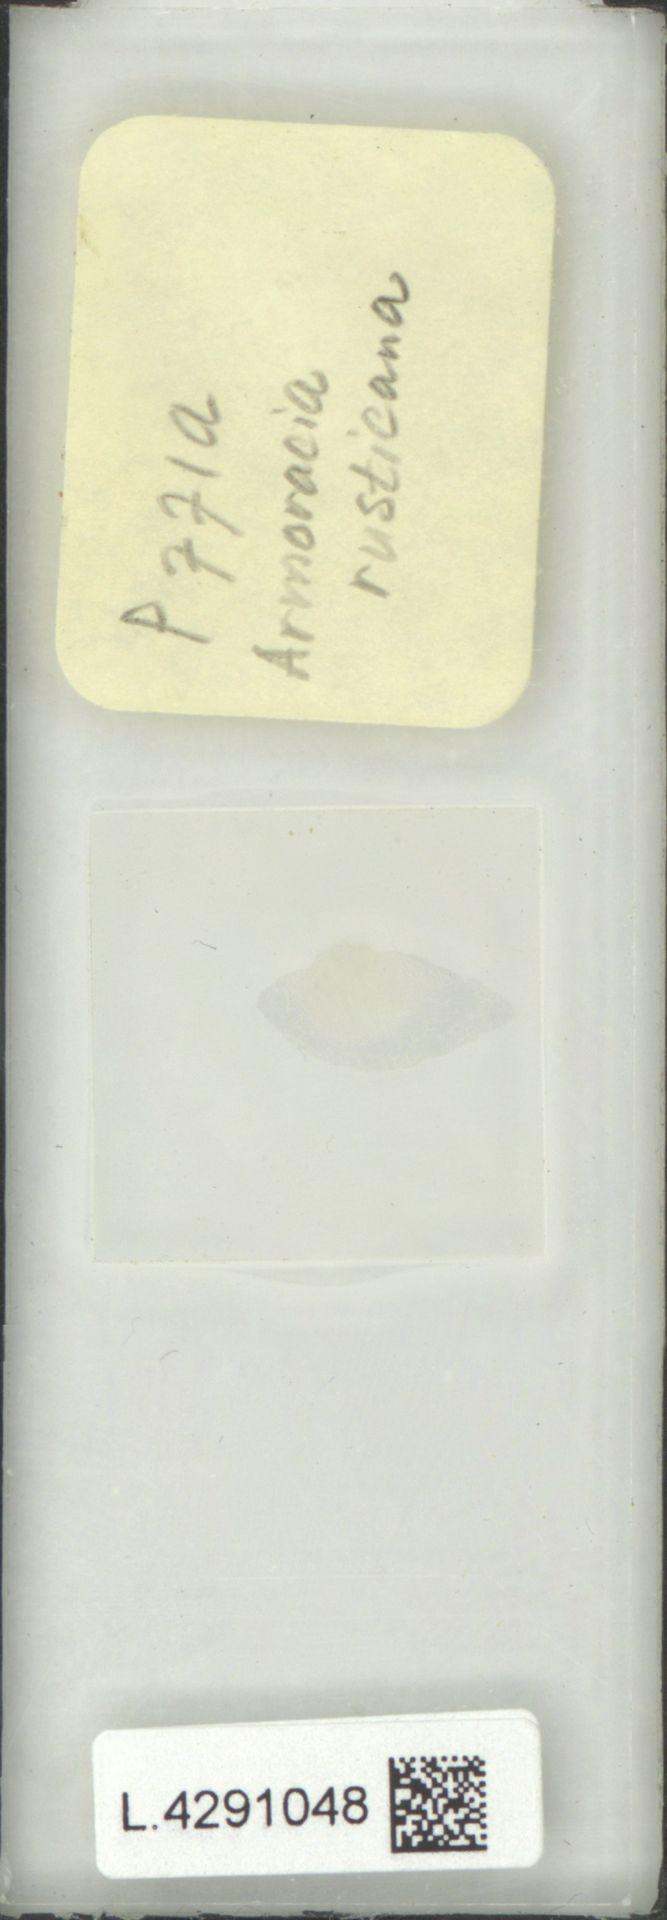 L.4291048 | Armoracia rusticana G.Gaertn., B.Mey. & Schreb.